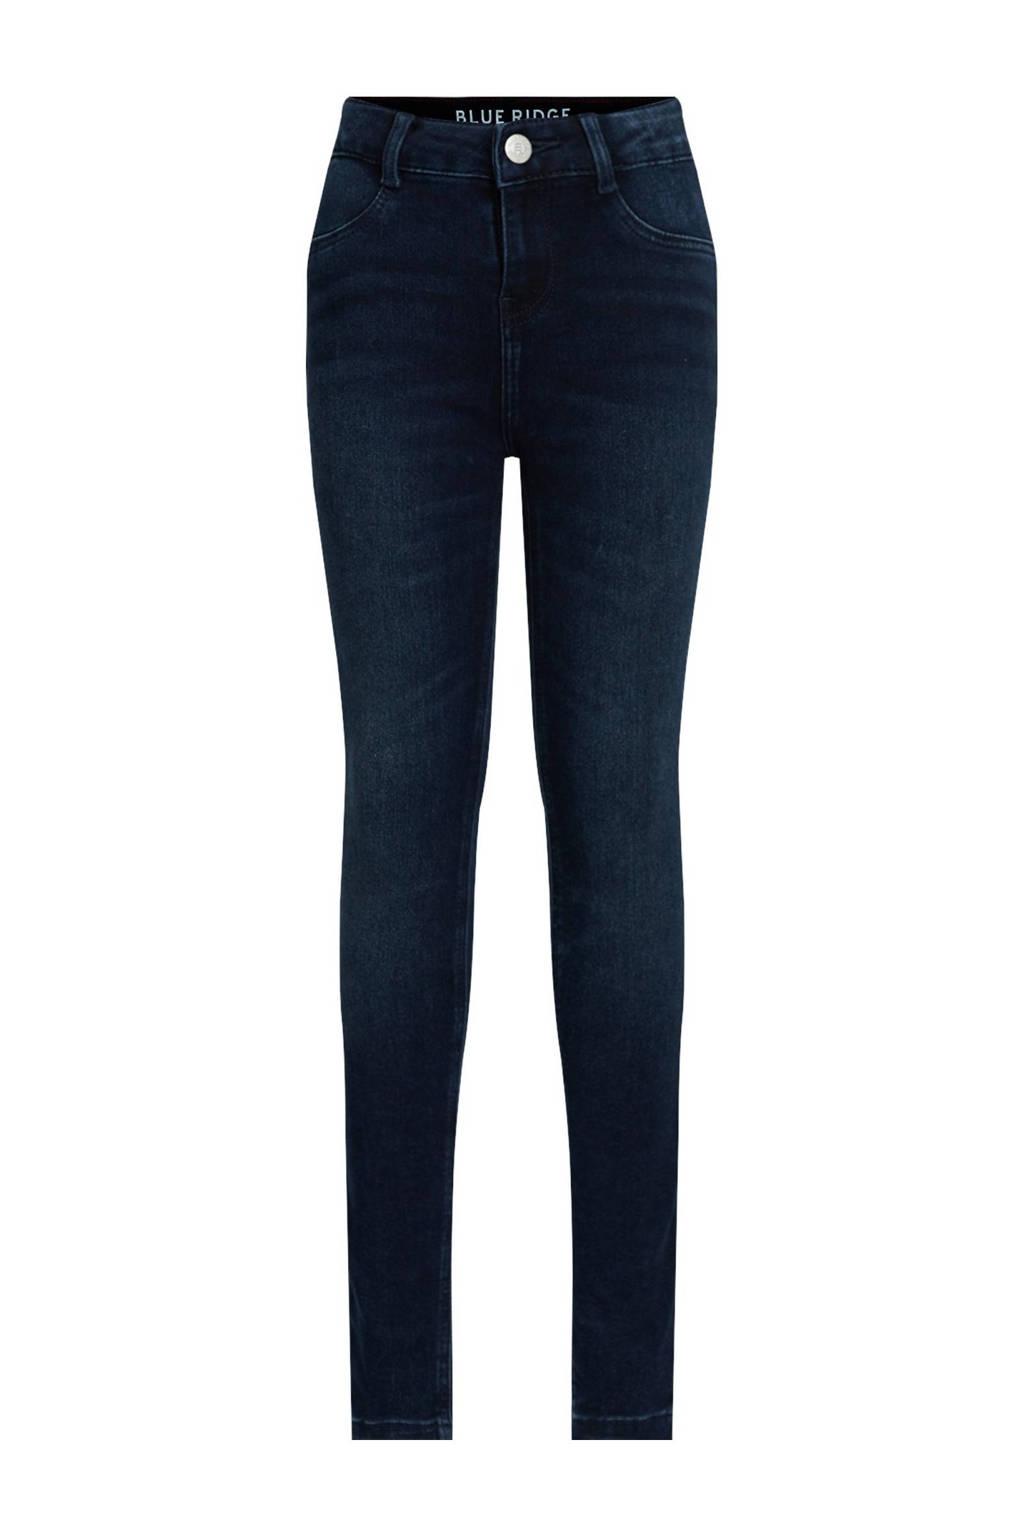 WE Fashion Blue Ridge super skinny jeans Yfke dark denim, Dark denim